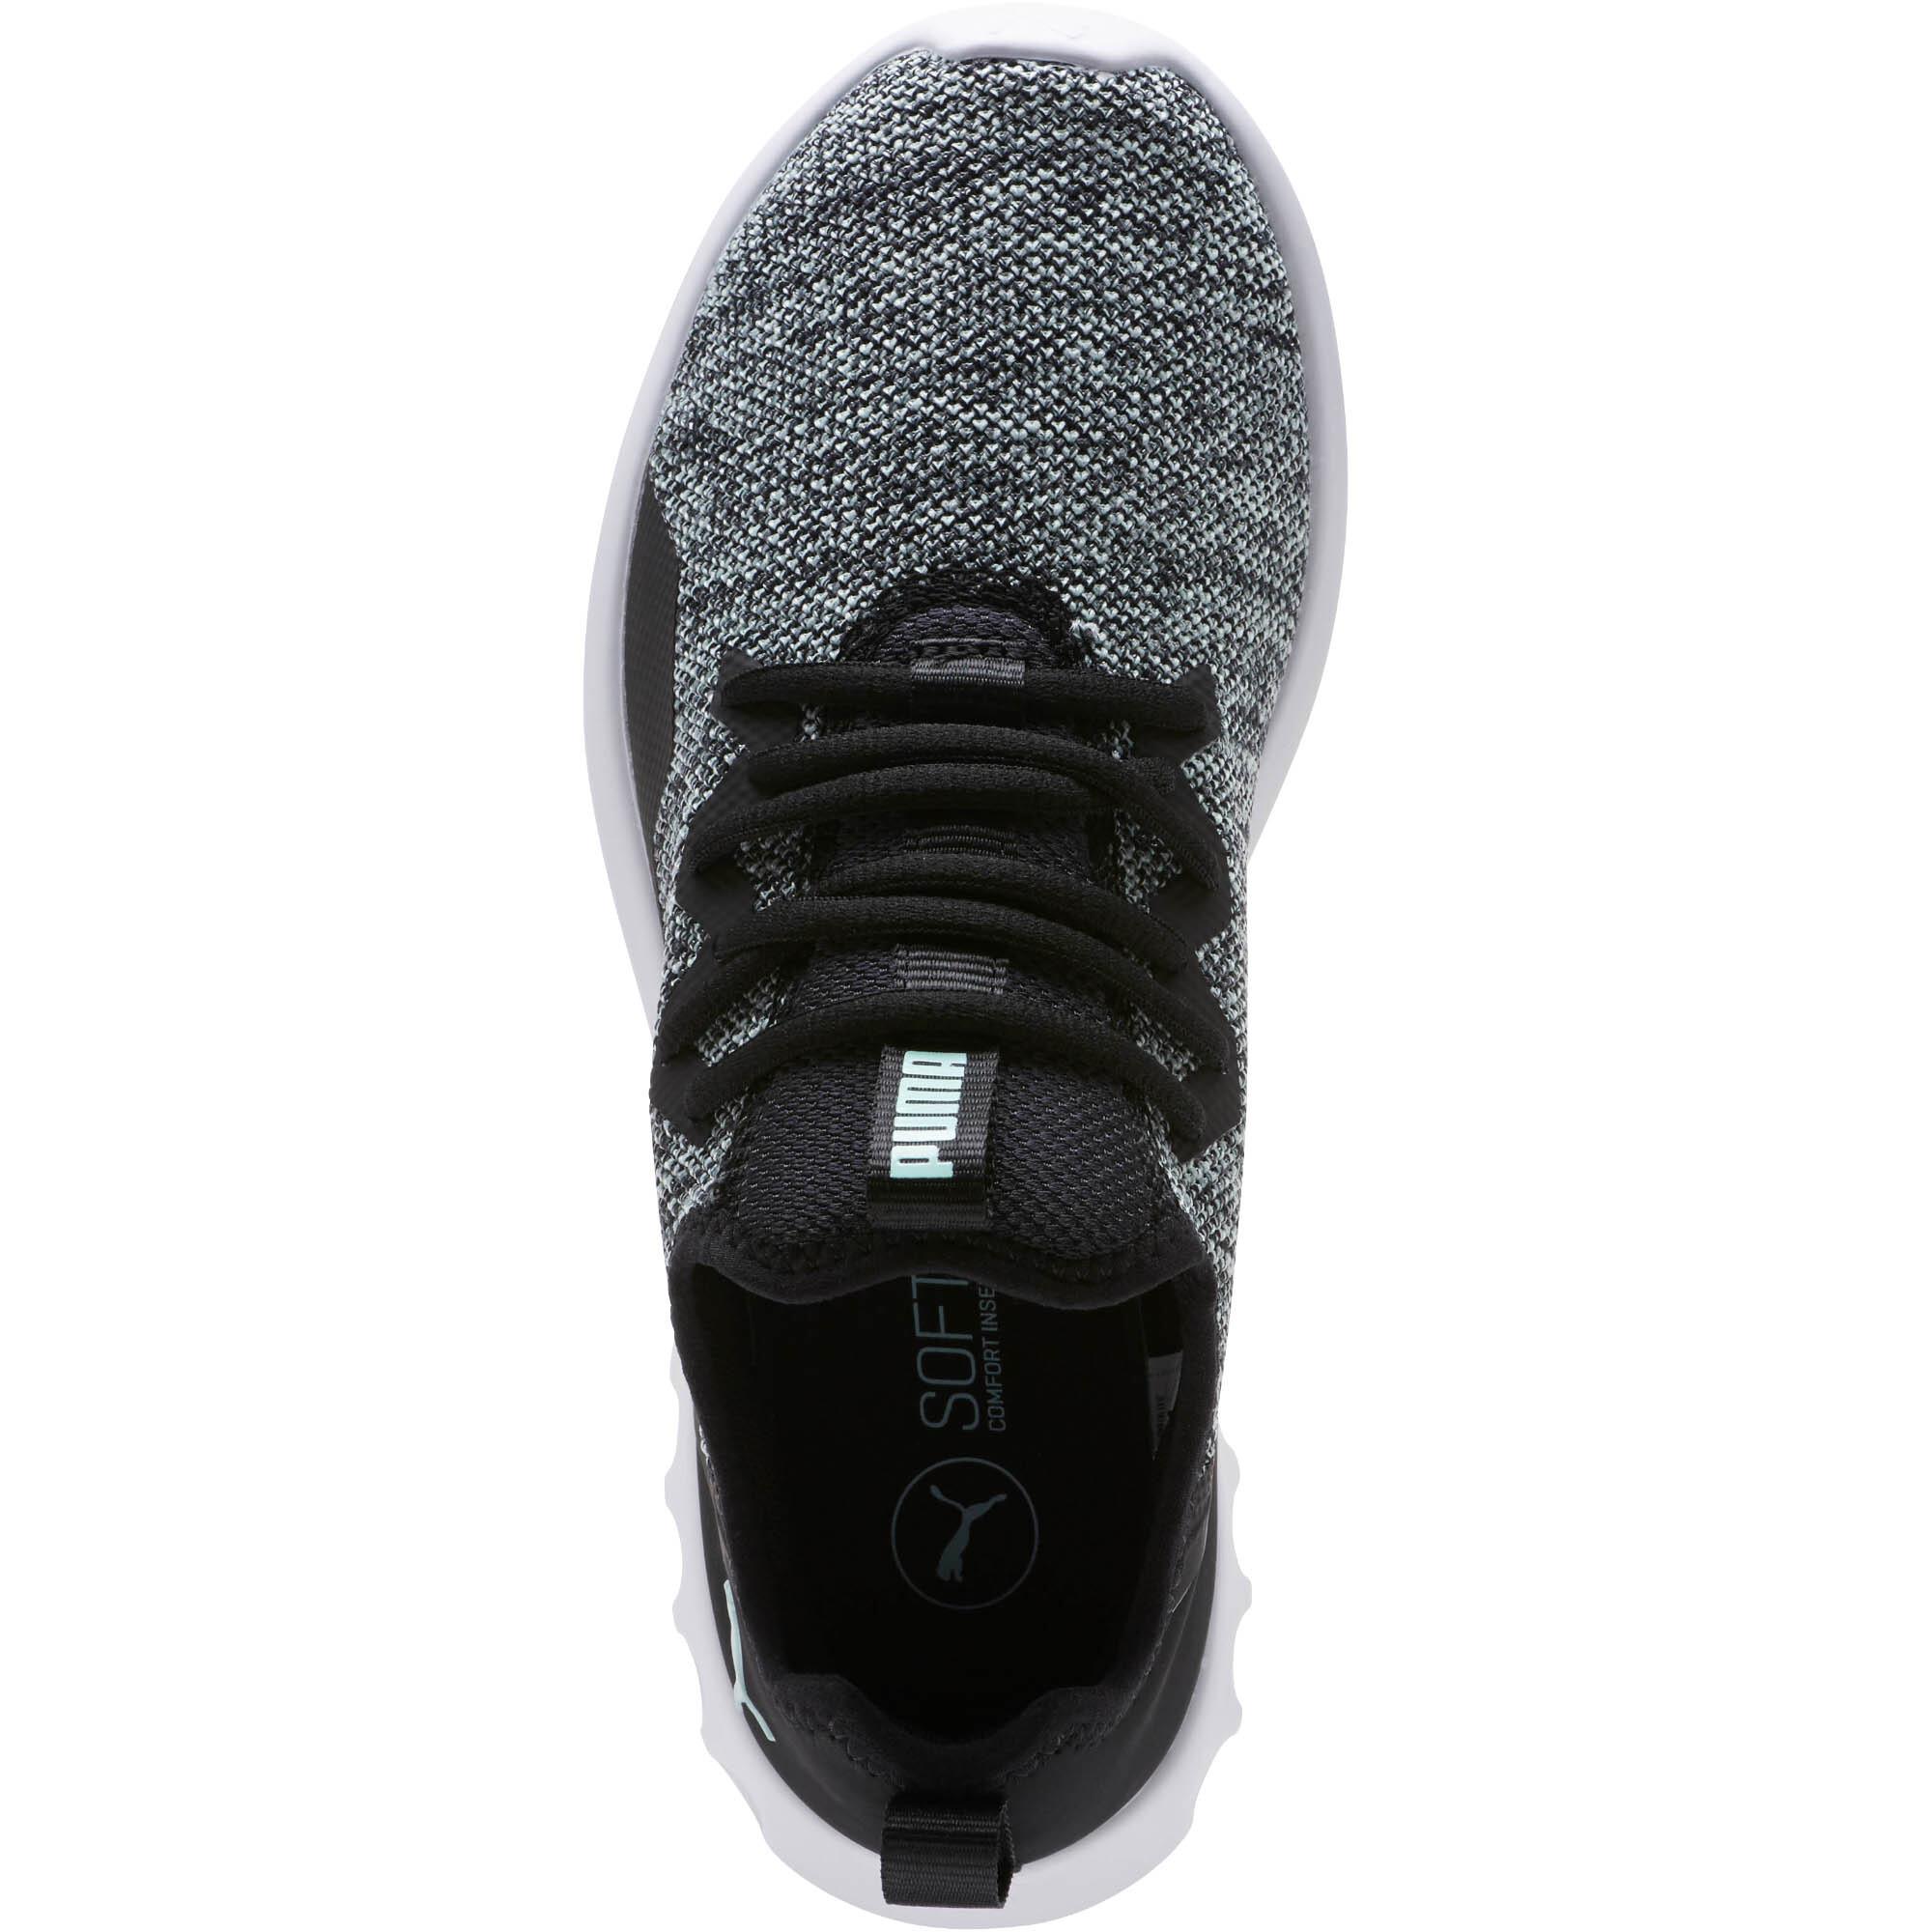 PUMA-Carson-2-X-Knit-Women-s-Running-Shoes-Women-Shoe-Running thumbnail 13